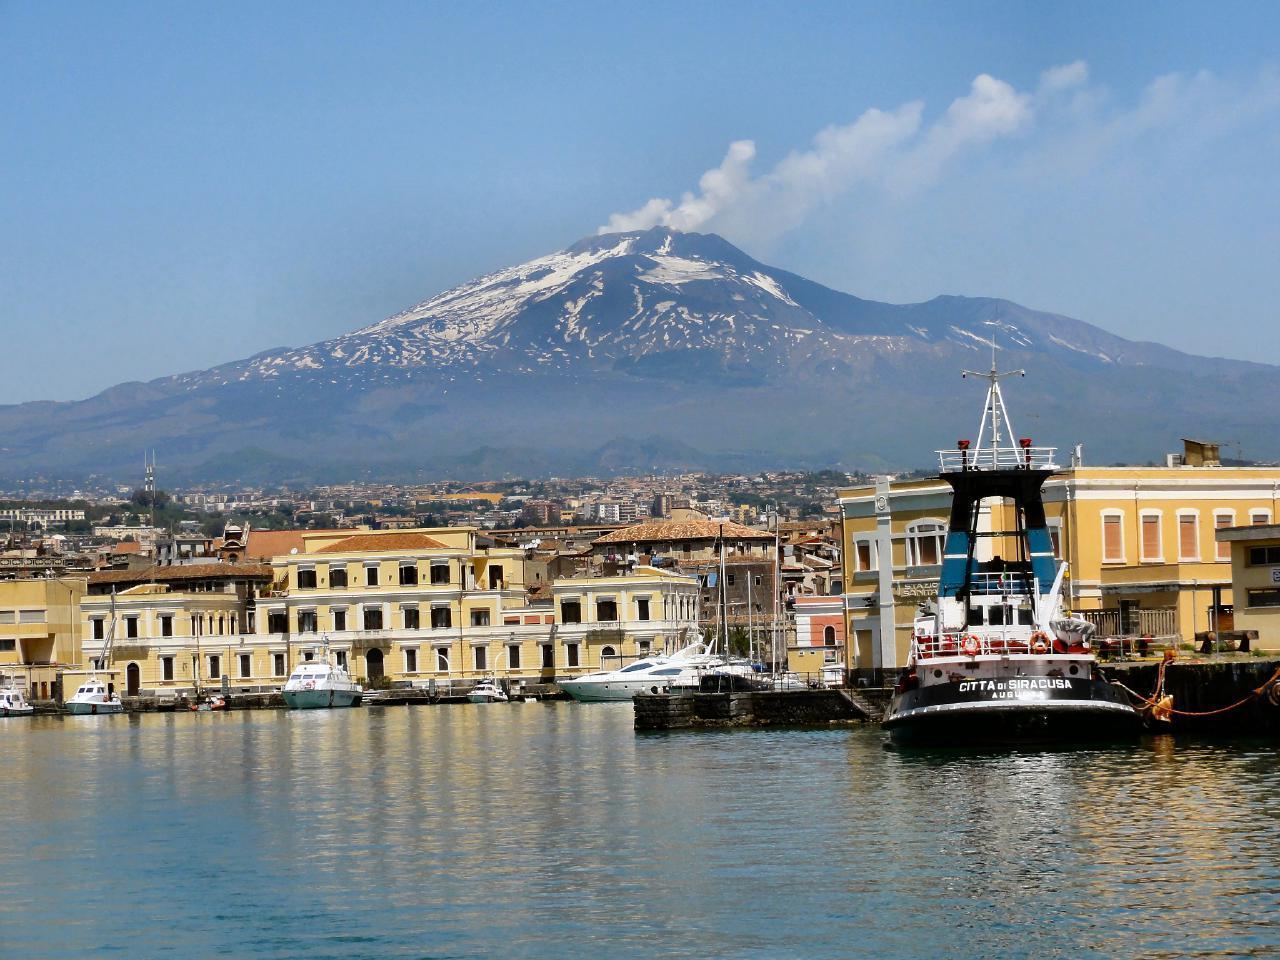 Appartement de vacances Etna Royal View -  Zwei-Zimmer-Wohnung mit Blick auf den Garten (2182582), Trecastagni, Catania, Sicile, Italie, image 31